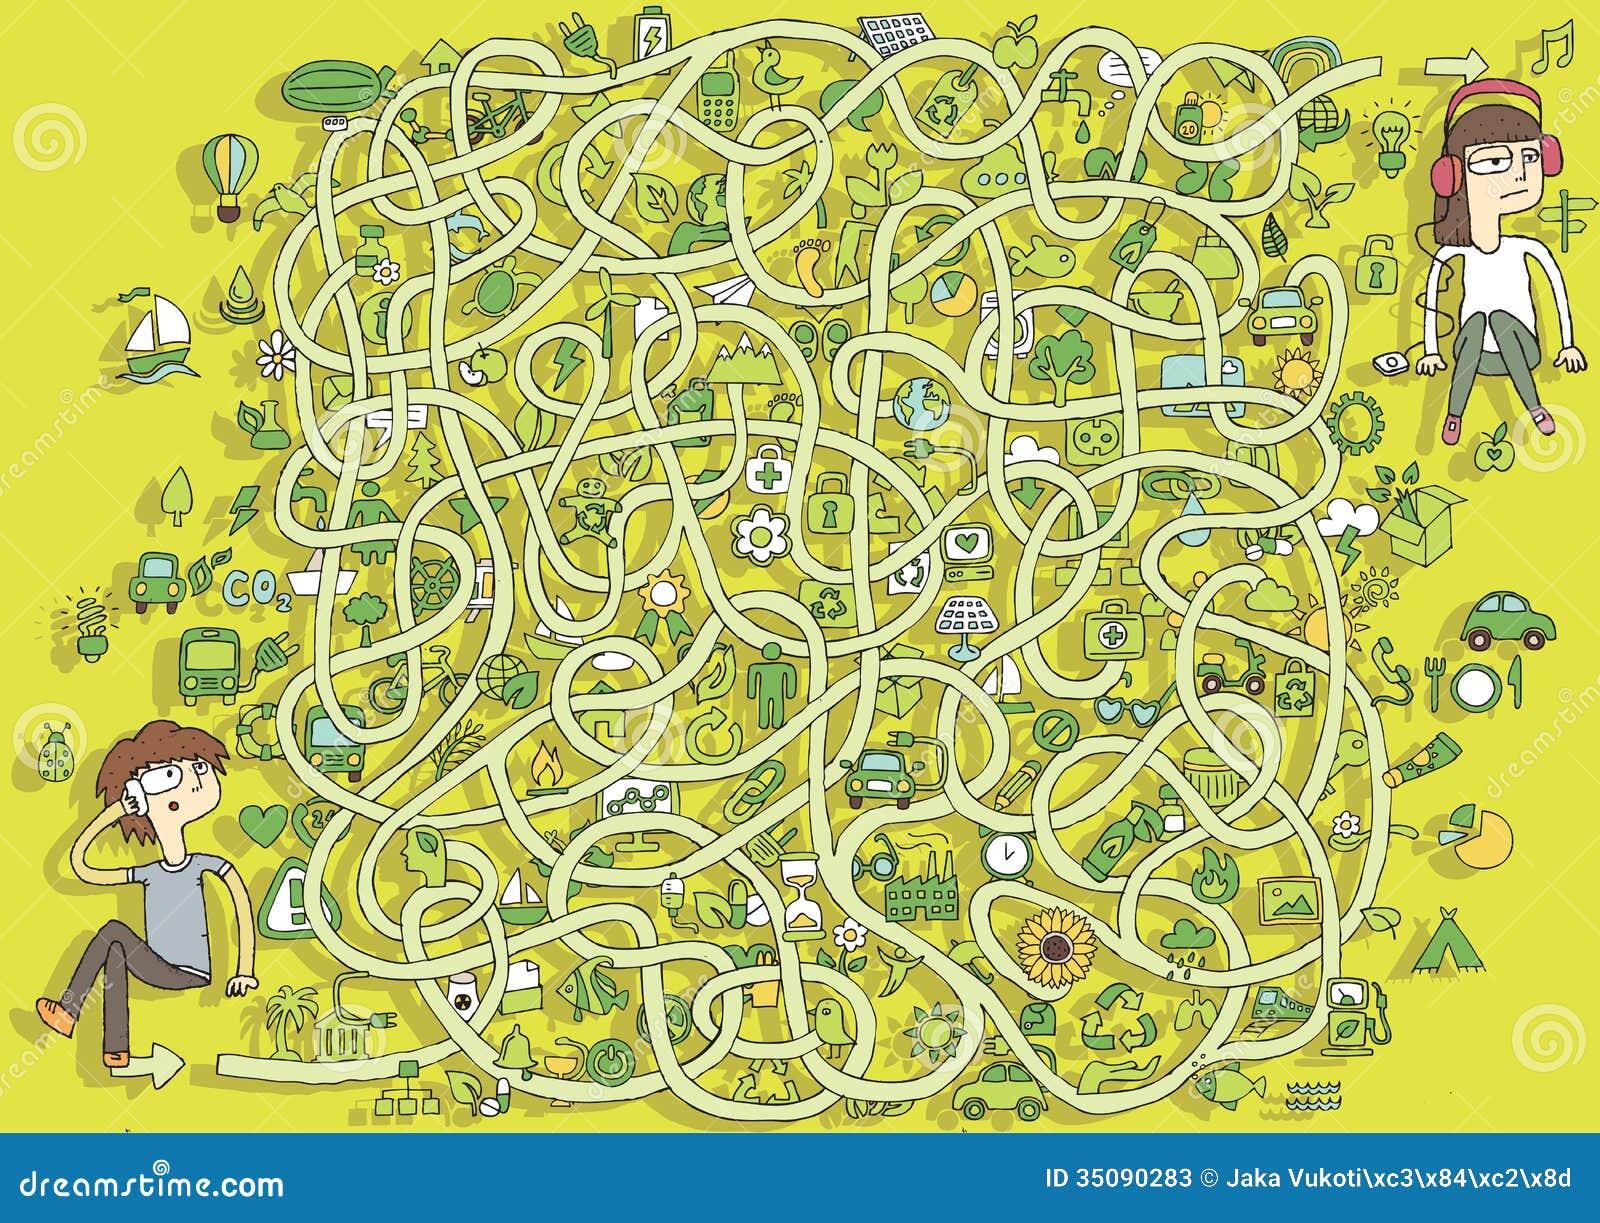 Ecología Maze Game. ¡Solución en capa ocultada!